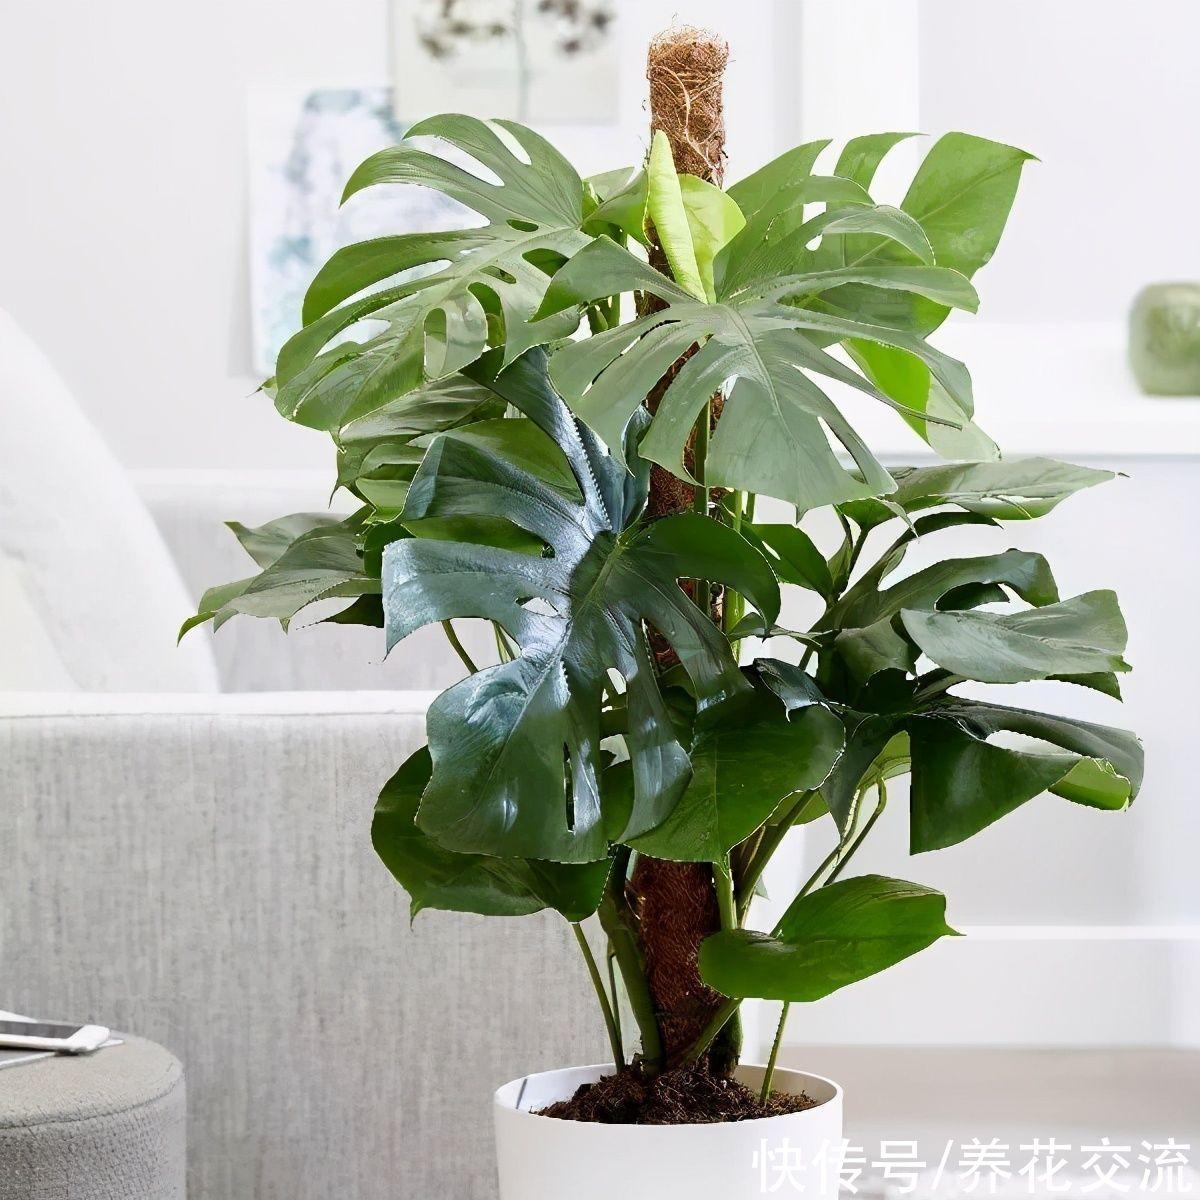 在家自制植物水苔柱,以龟背竹为例,花友可适当参考